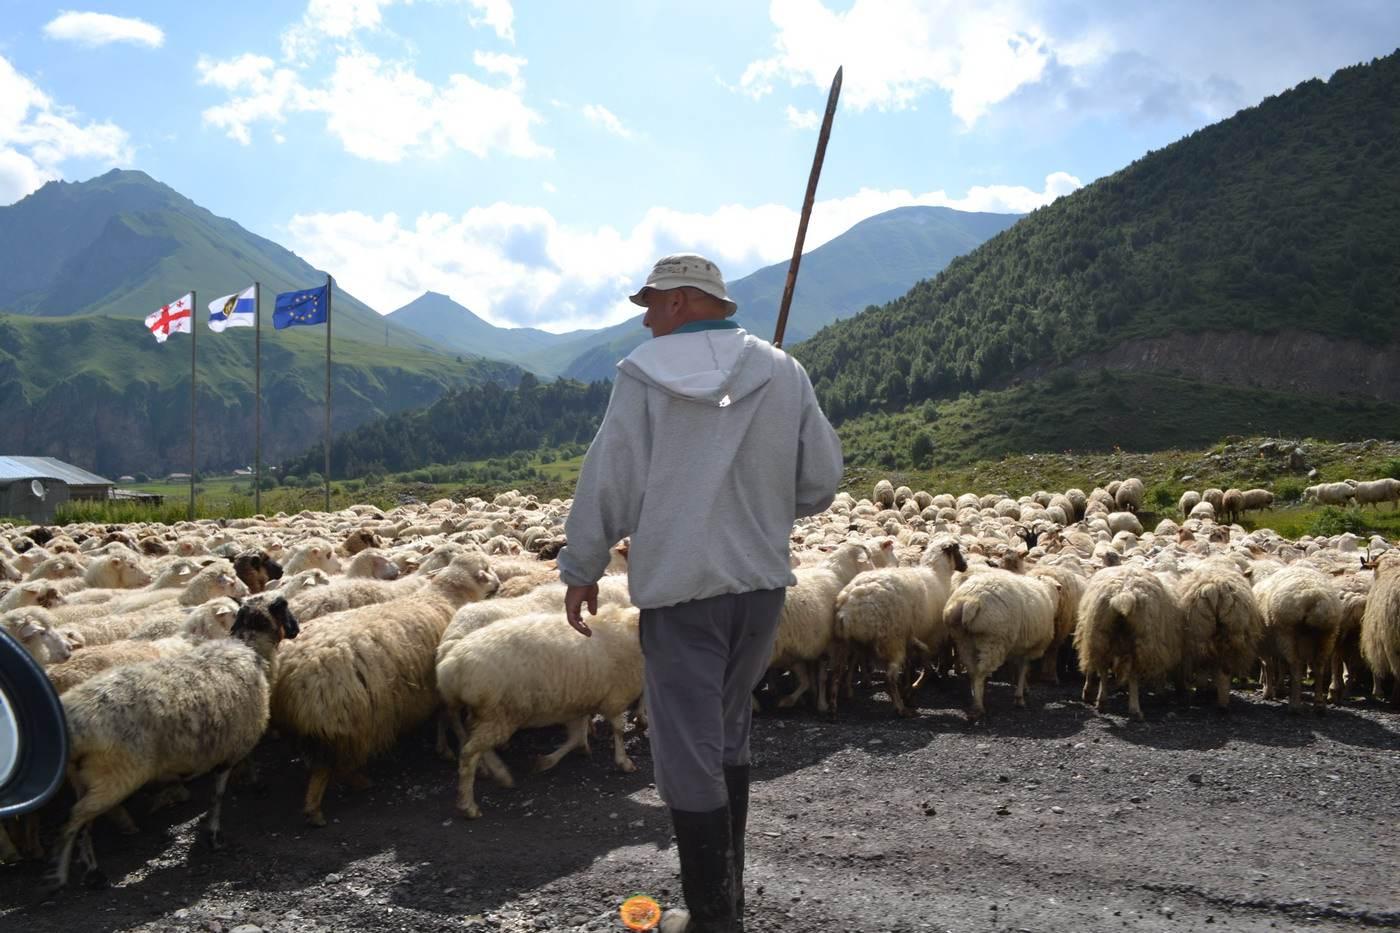 грузия, асетия, граница, пастух, овцы